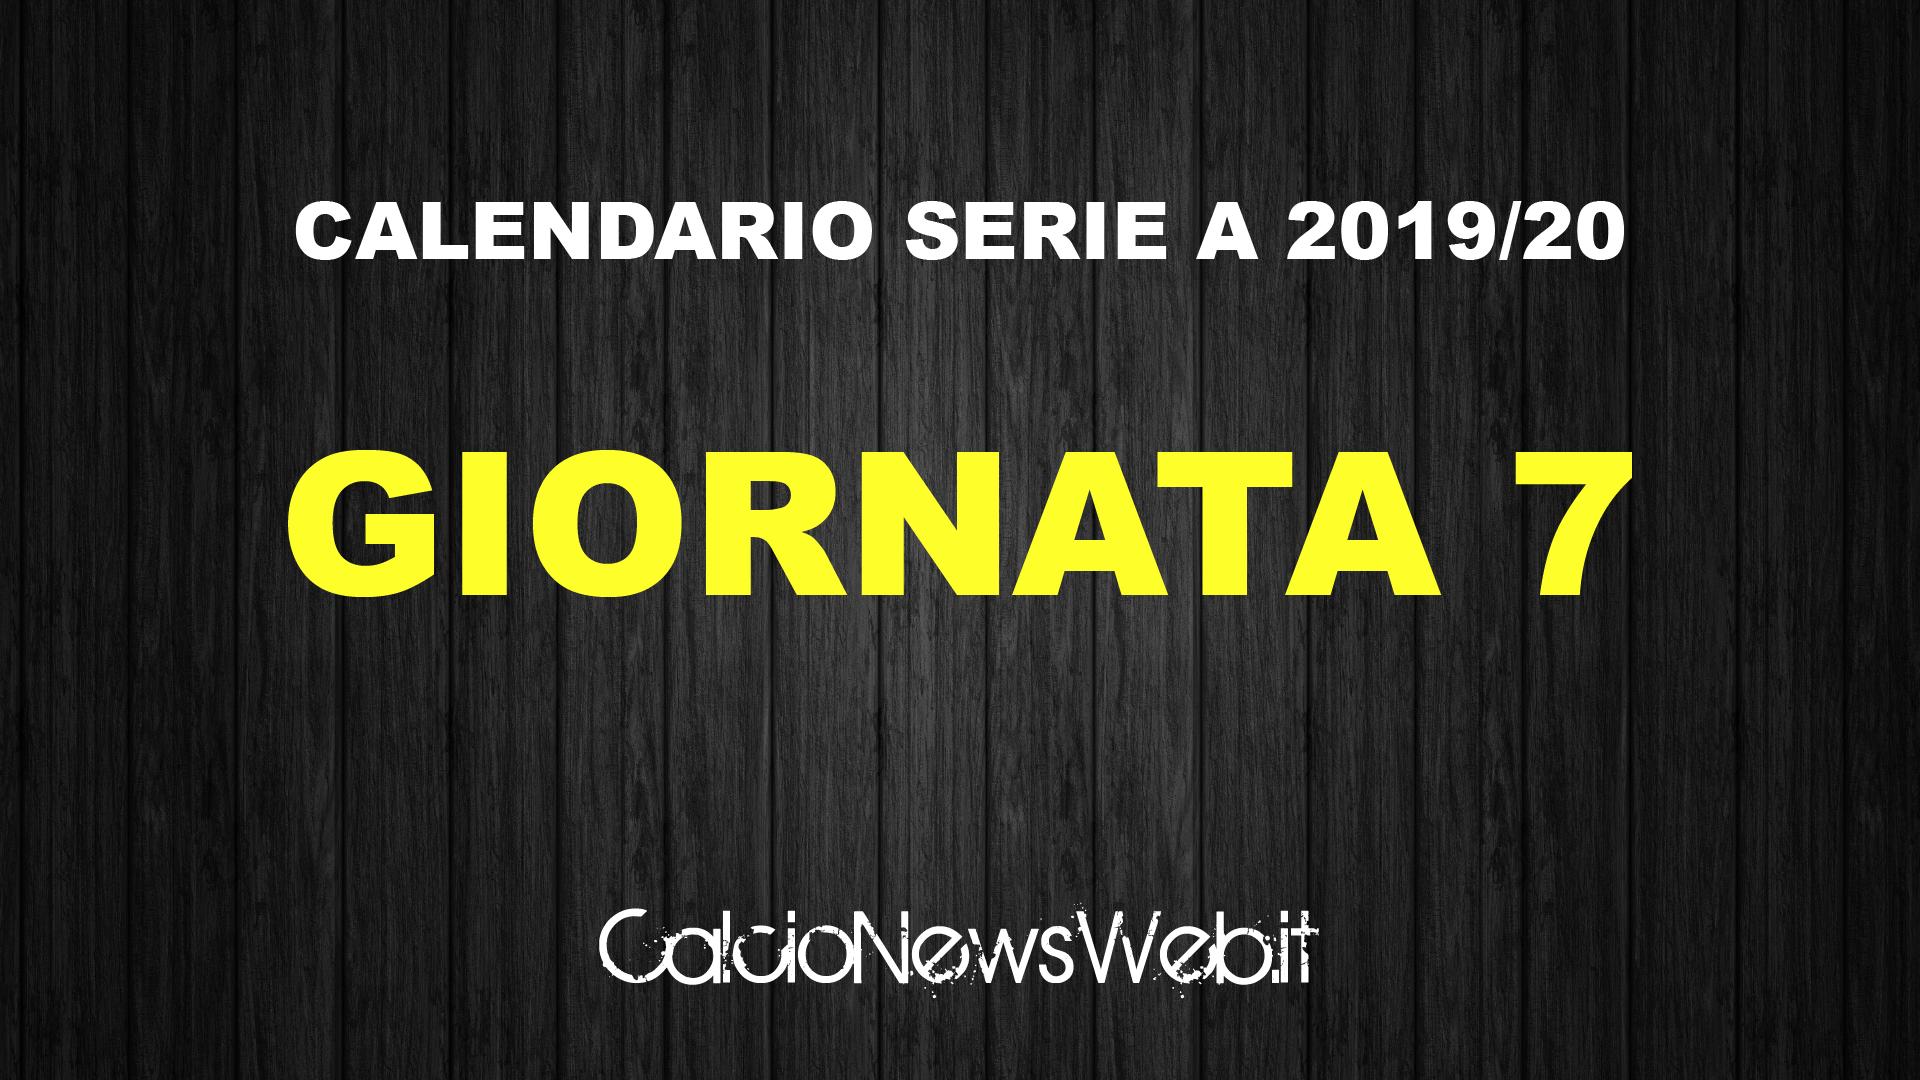 Serie A Calendario 7 Giornata.Calendario Serie A Ecco Le Partite Della Settima Giornata